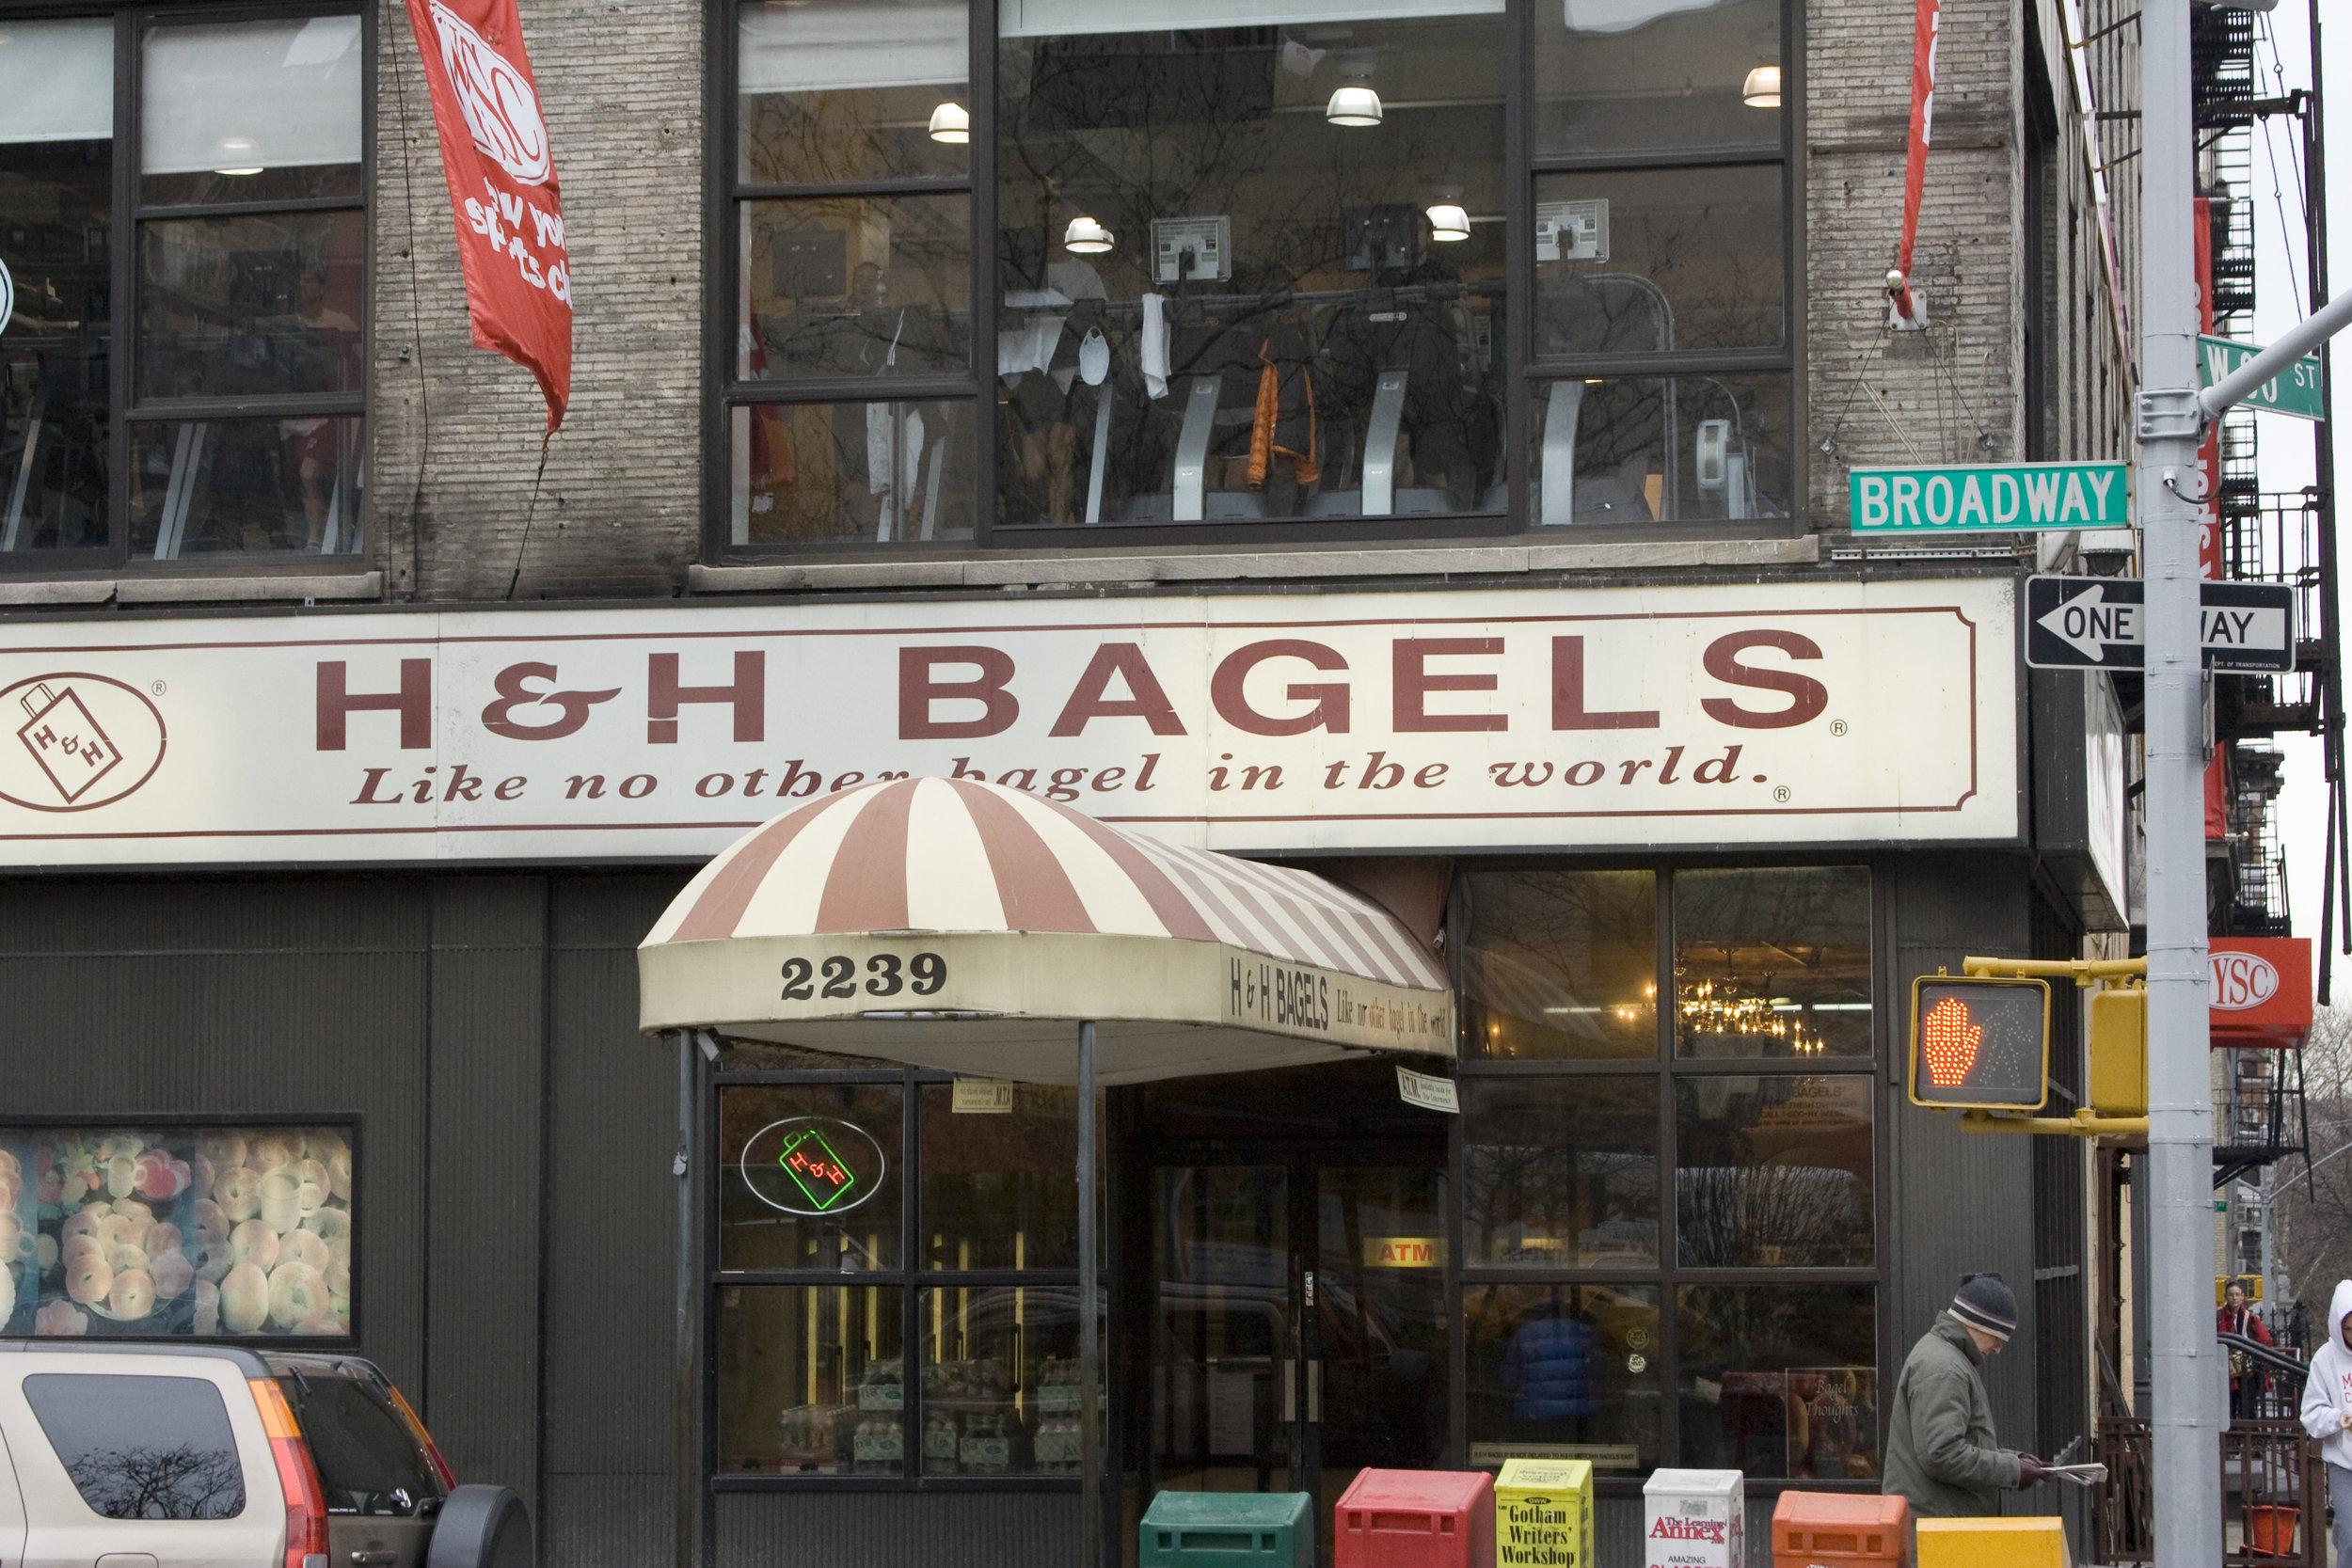 RIP H&H Bagels